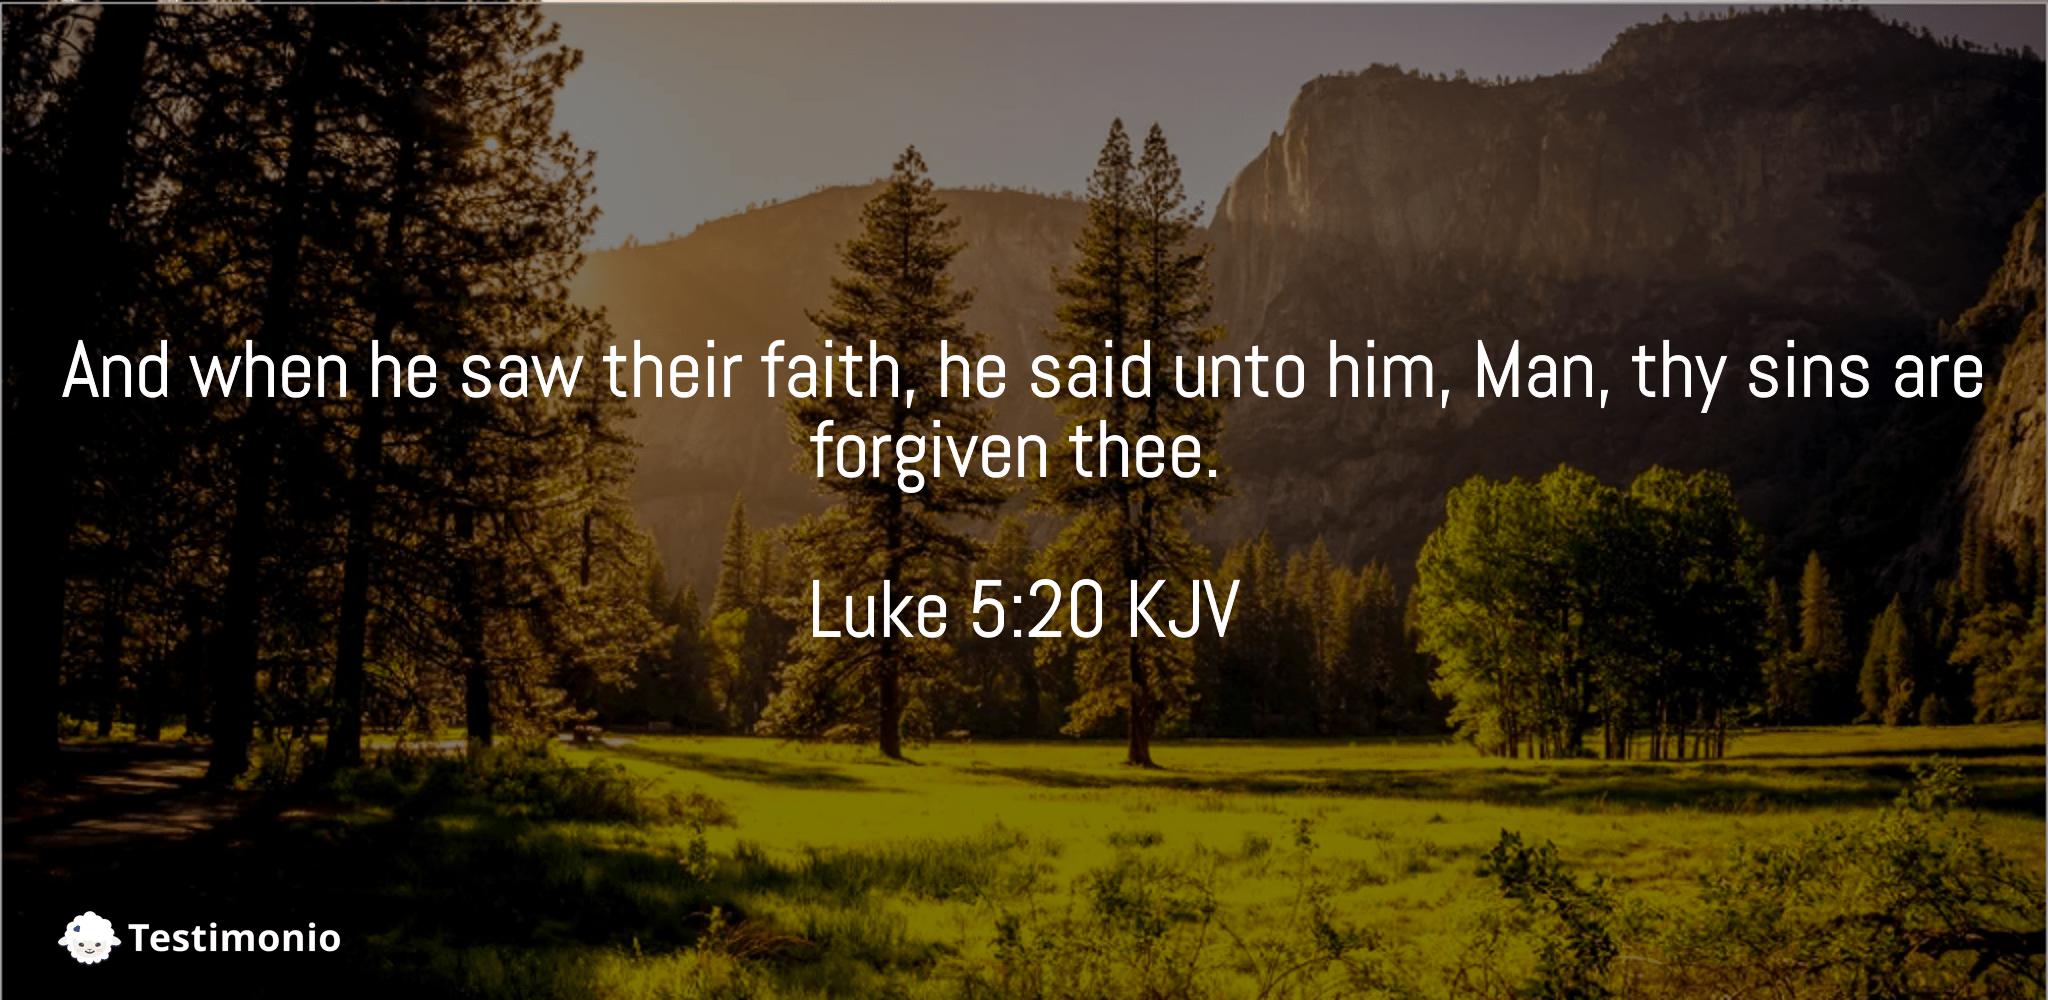 Luke 5:20